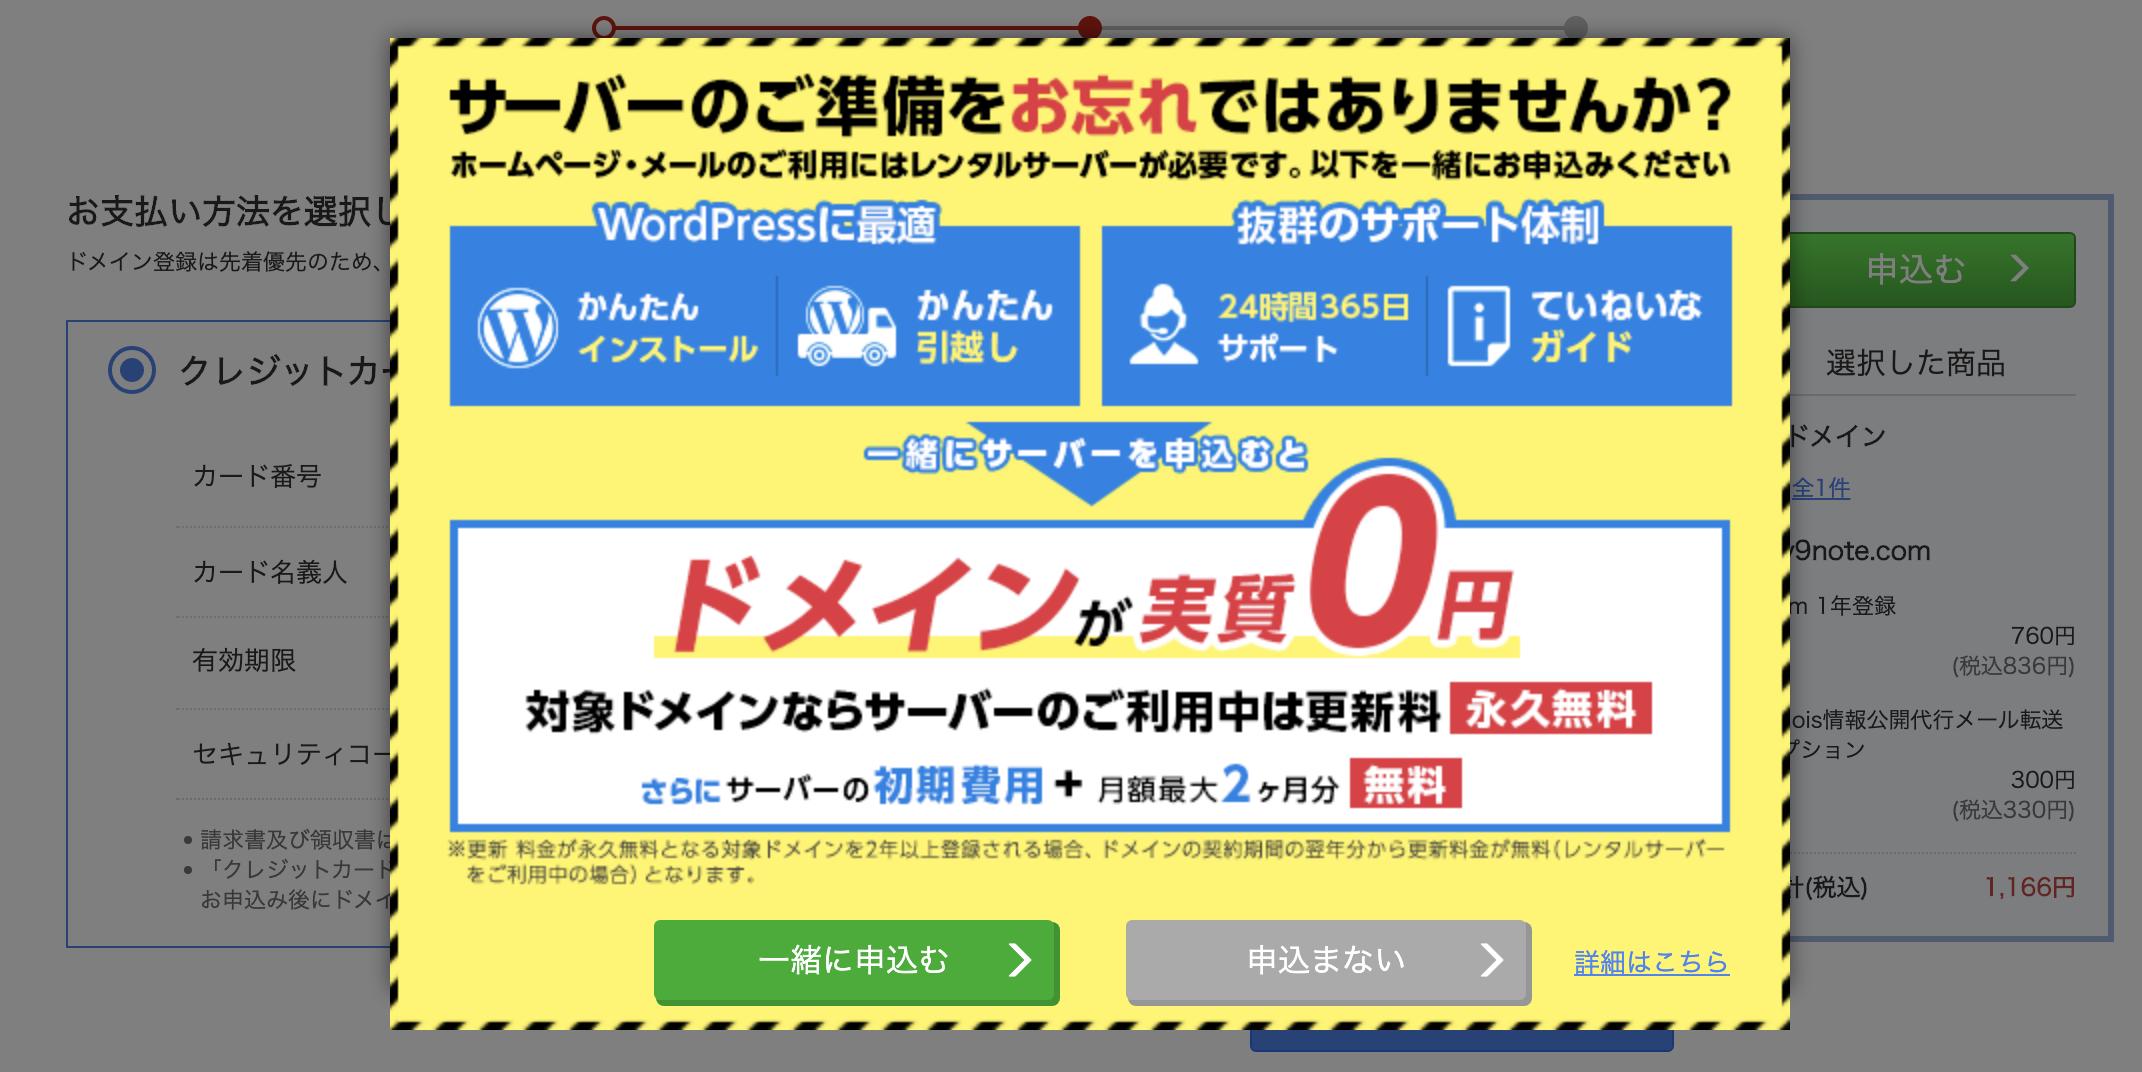 スクリーンショット 2020-05-06 20.41.47